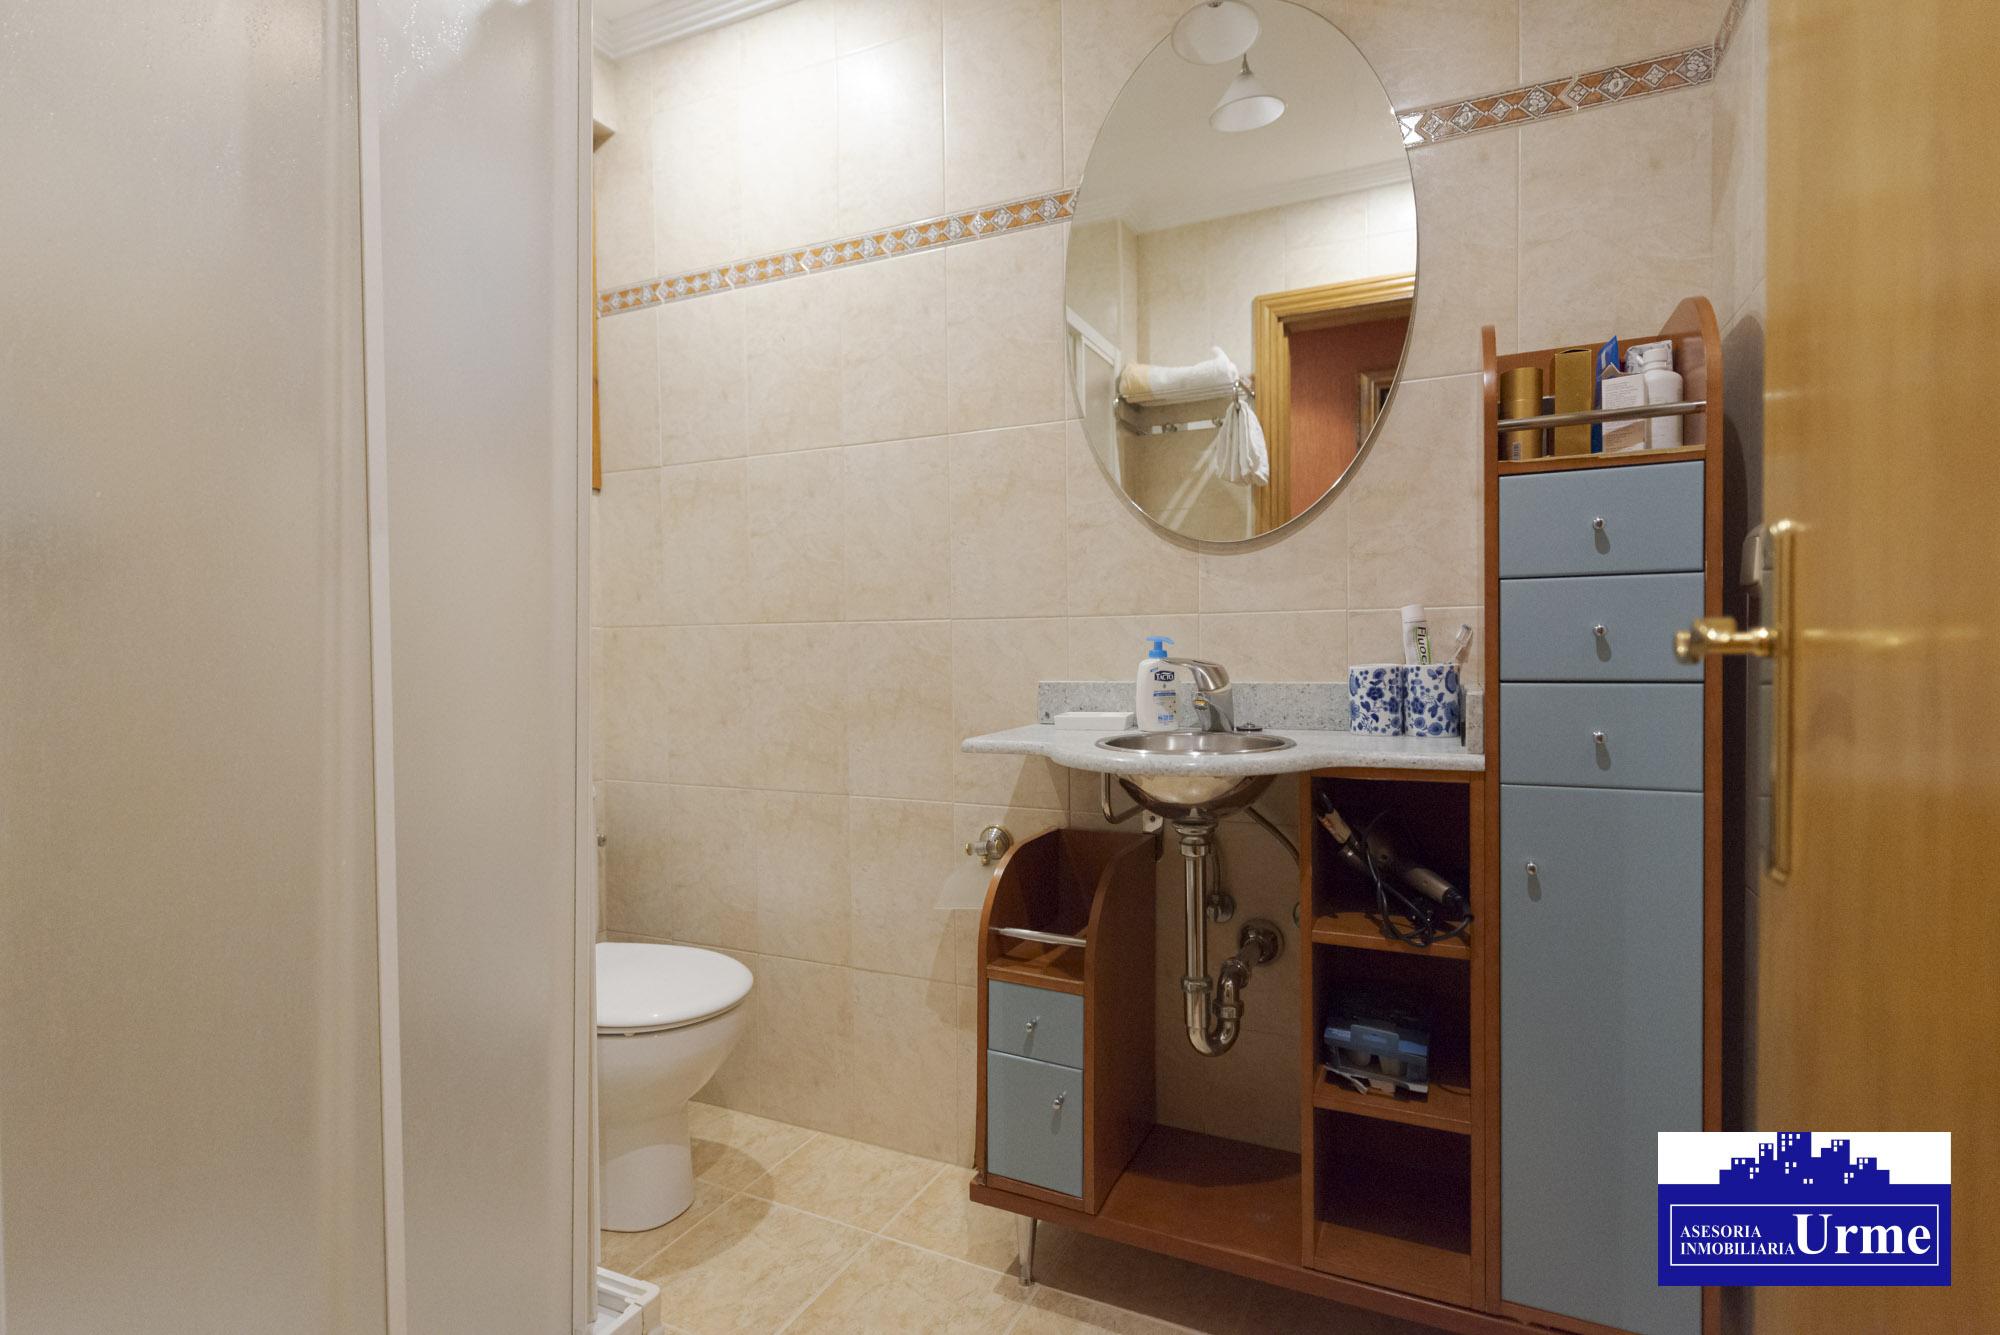 En Paseo Colon,3 habitaciones, dos baños, salon,cocina equipada (2 años).Balcon! Informate